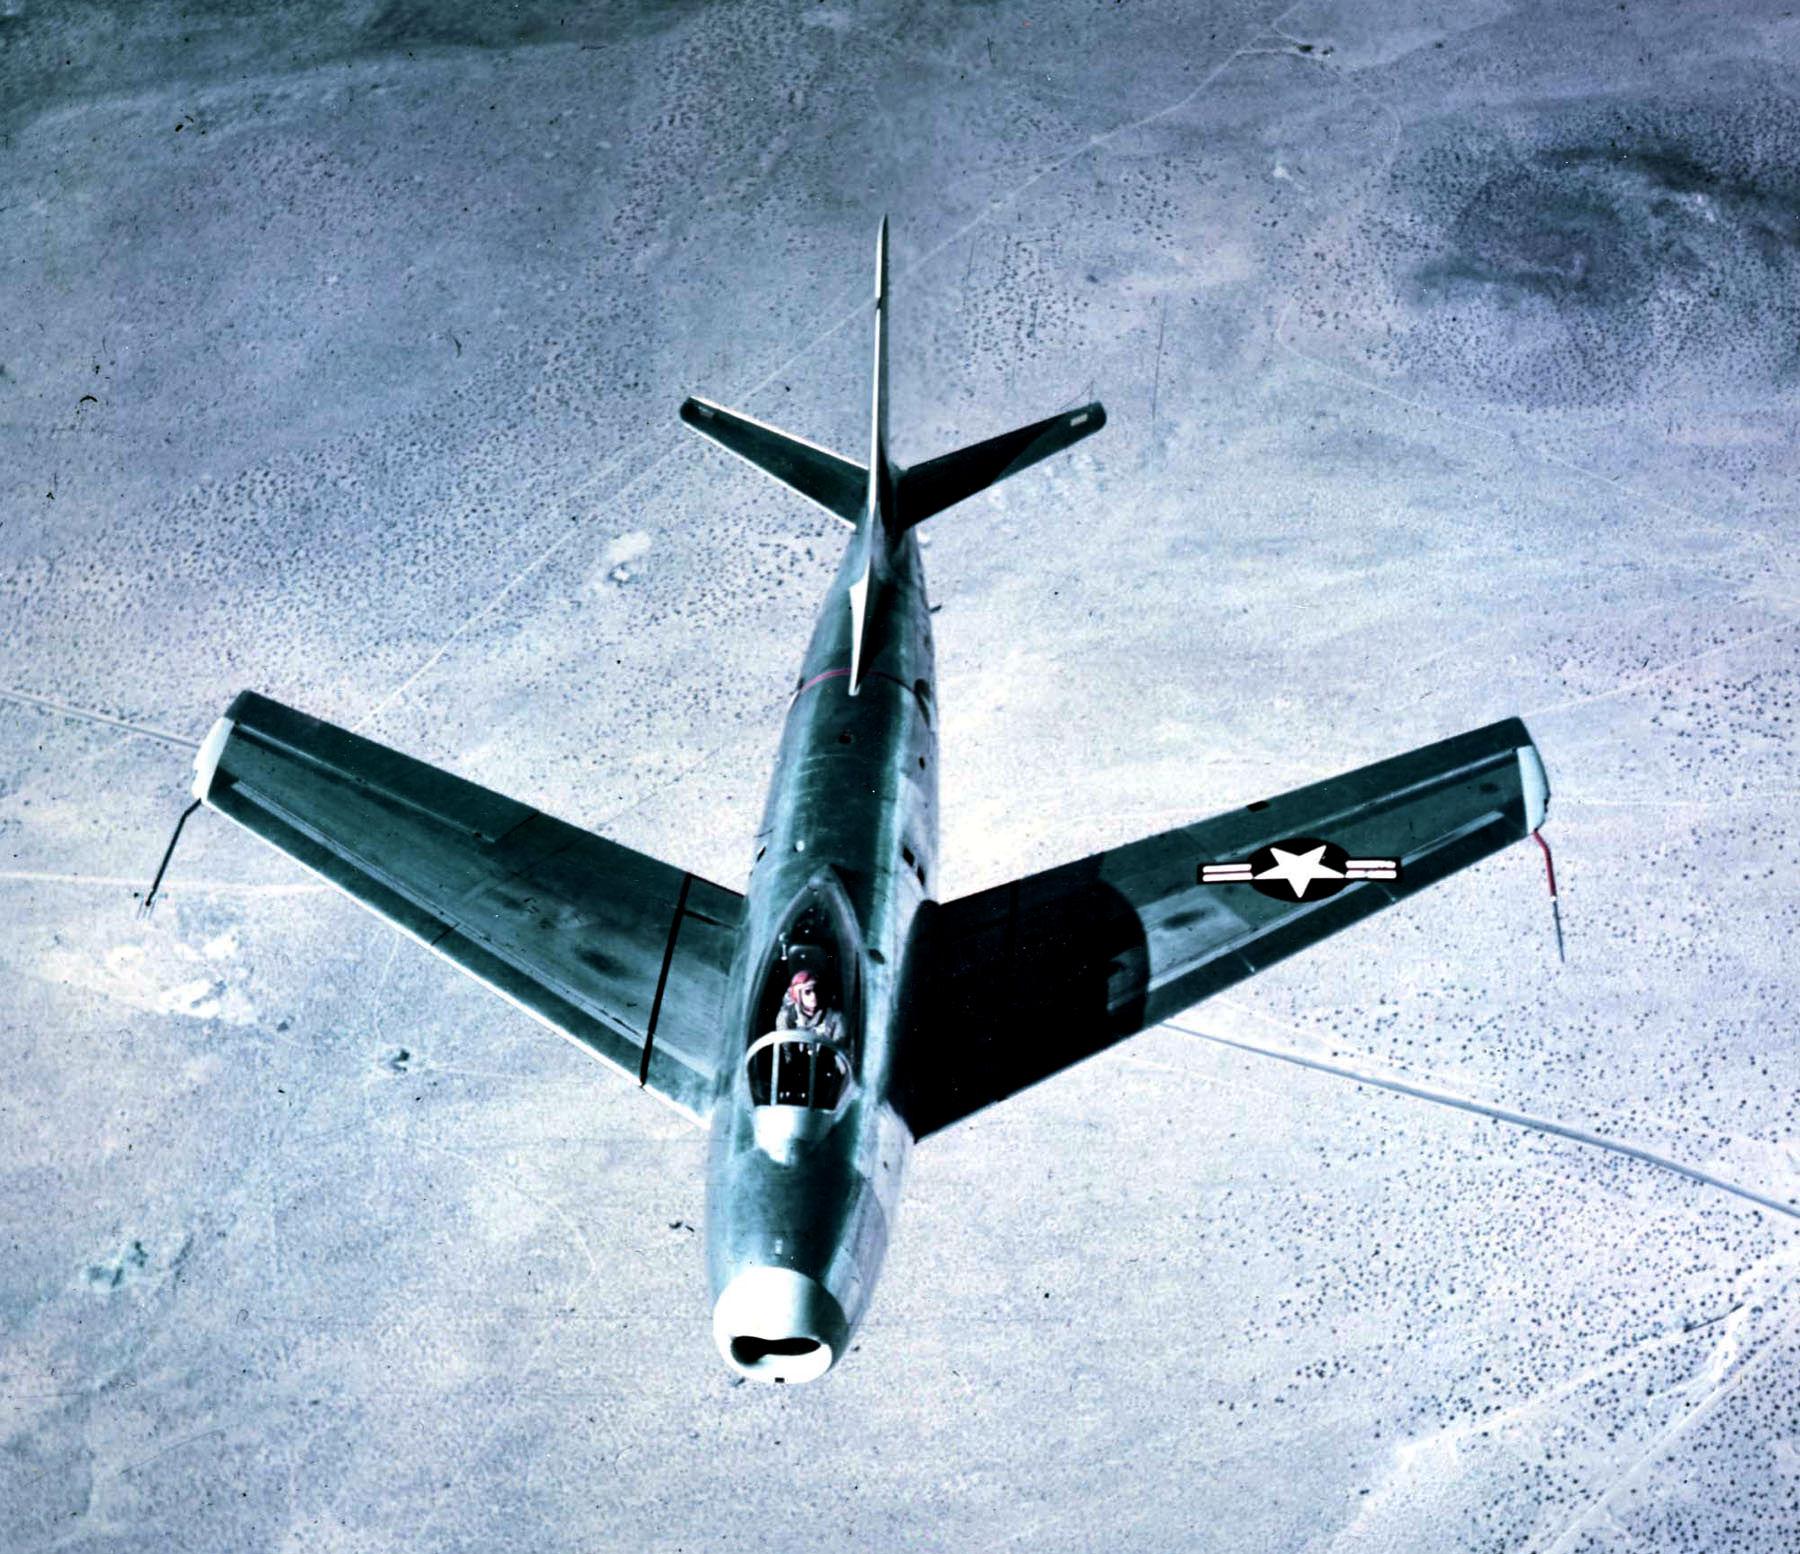 'Por una vez las condiciones de luz y la sombra propia se convierten en aliados que ocultan parcialmente a este F 86 Sabre'